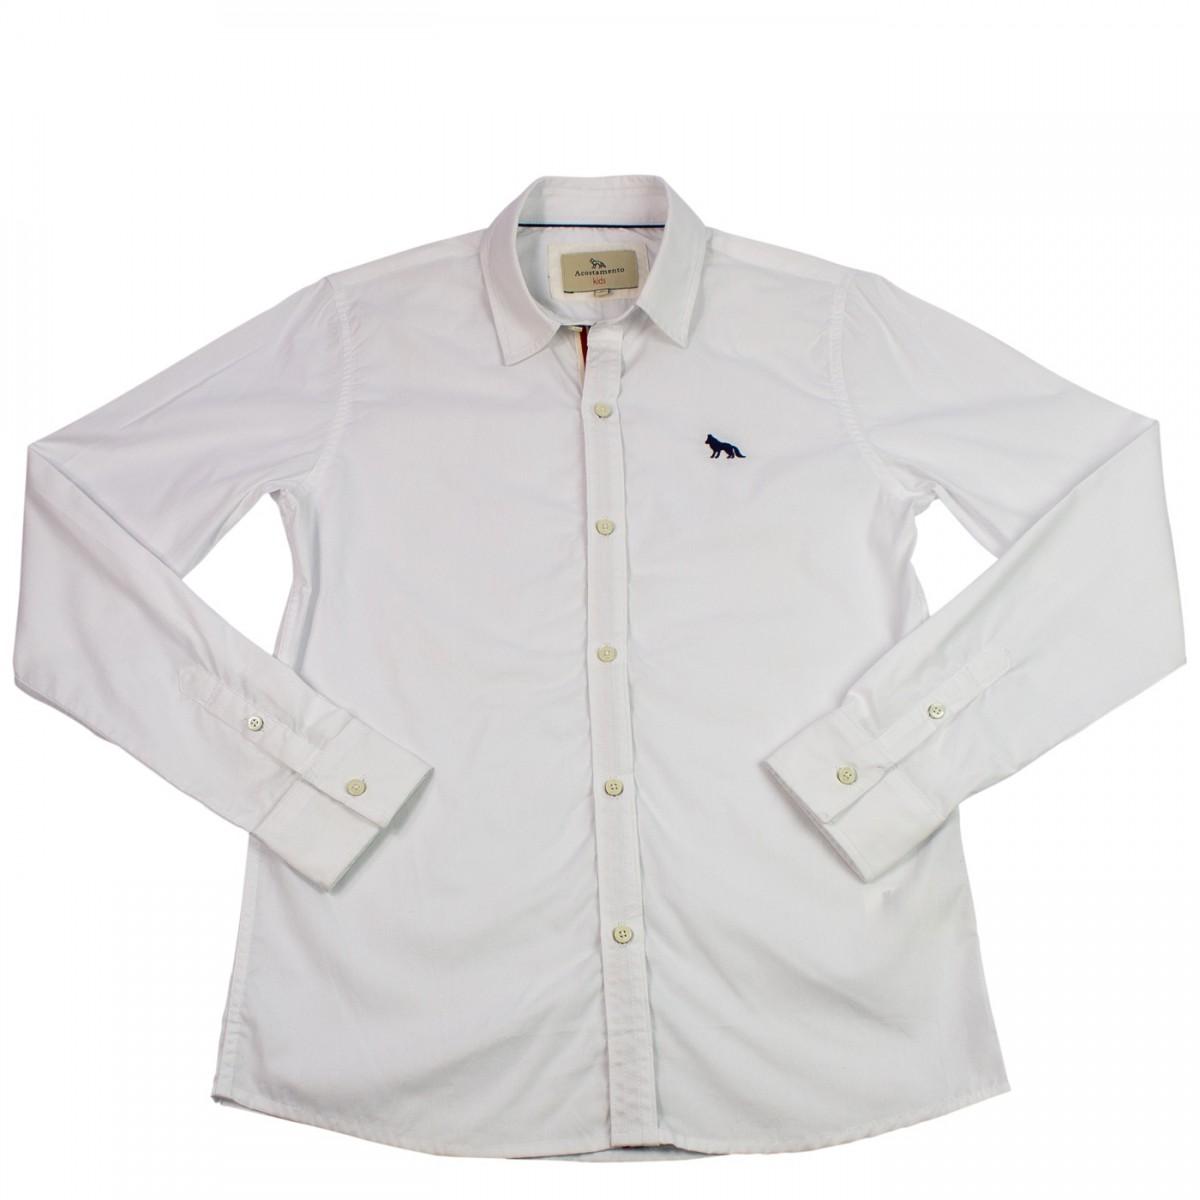 Bizz Store - Camisa Social Infantil Menino Acostamento Branca 1a359e8b13731